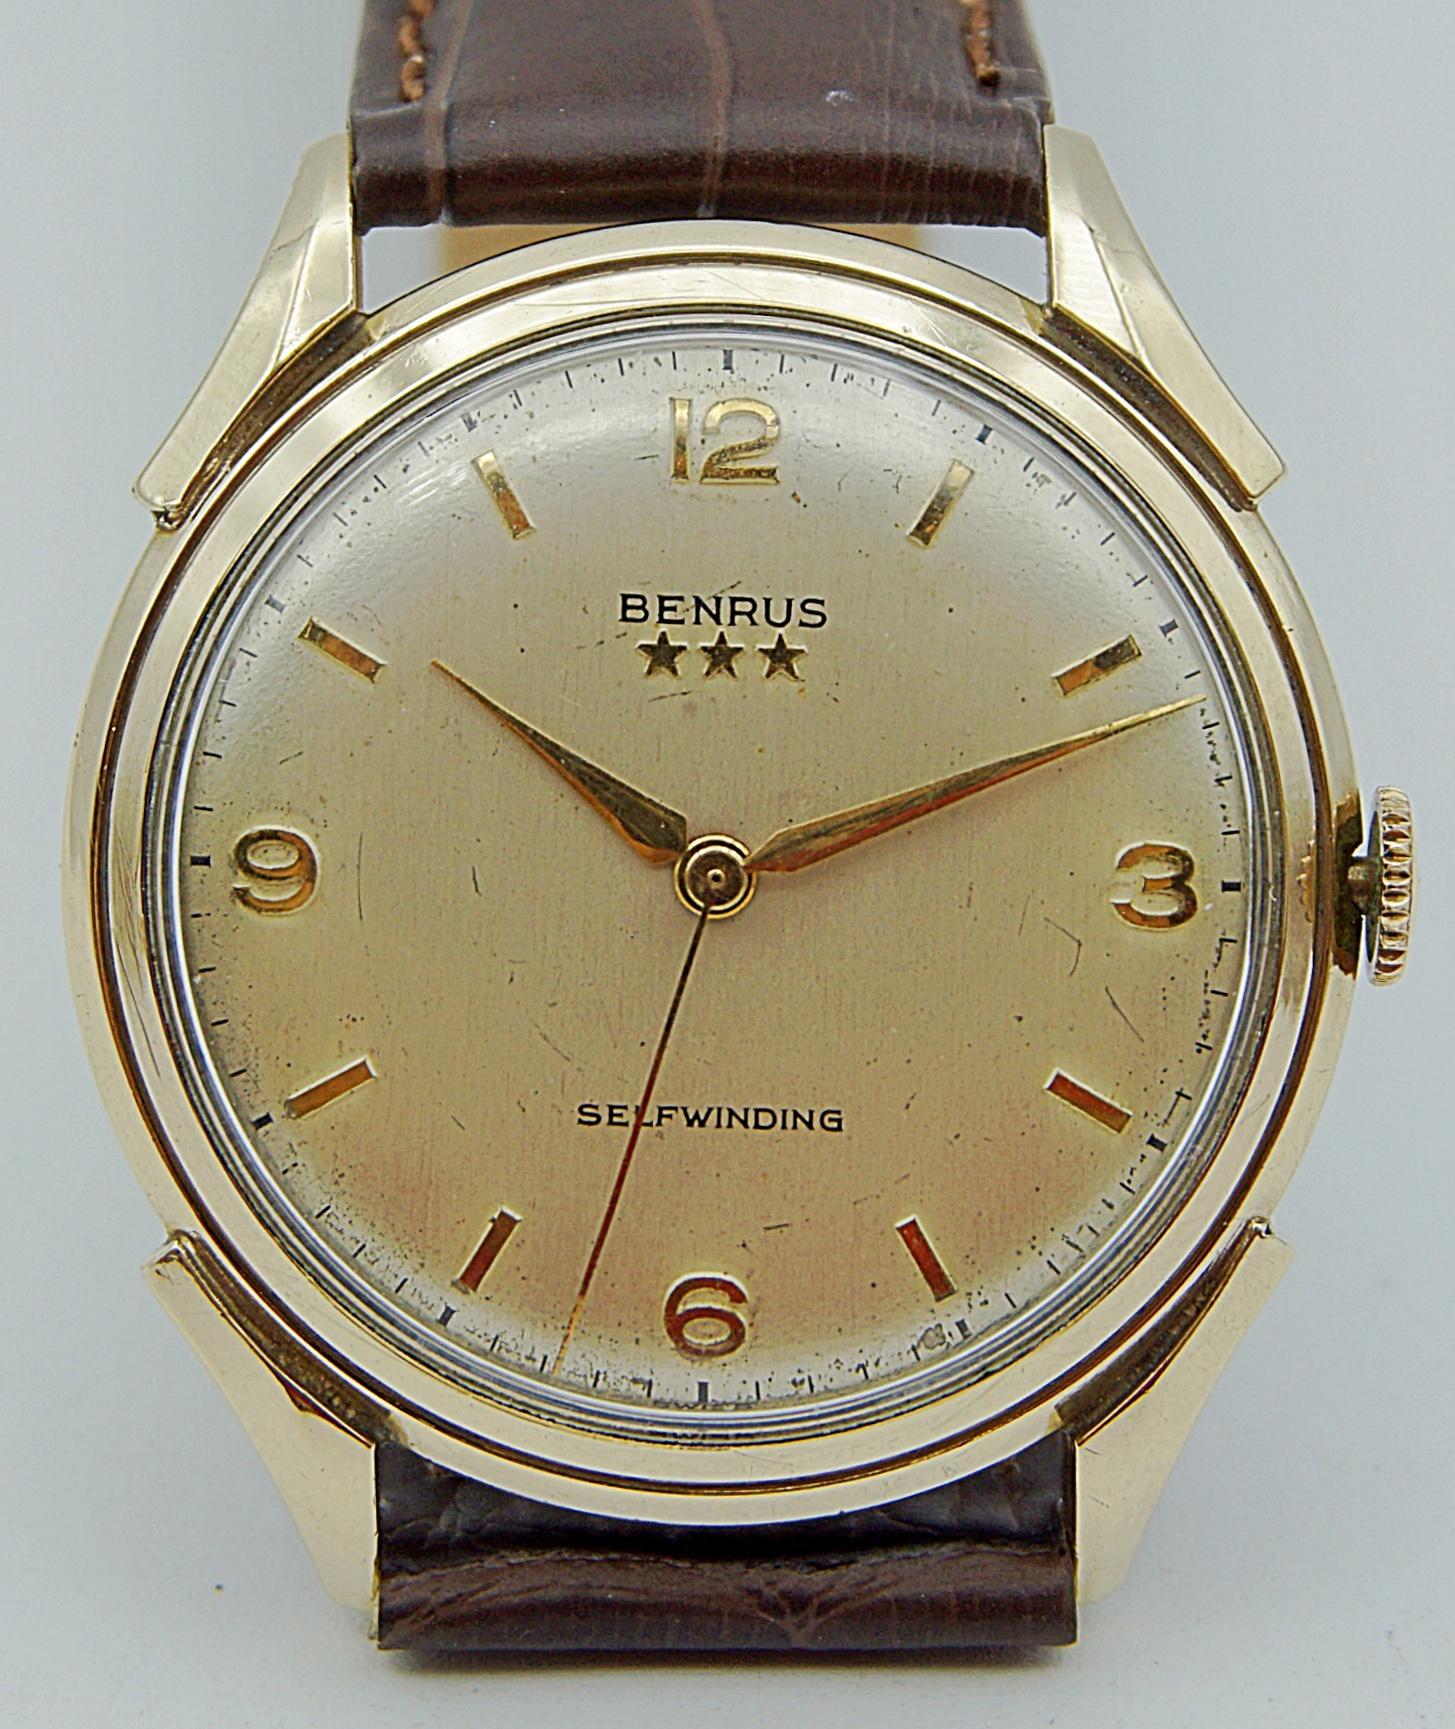 นาฬิกาเก่า BENRUS ออโตเมติก